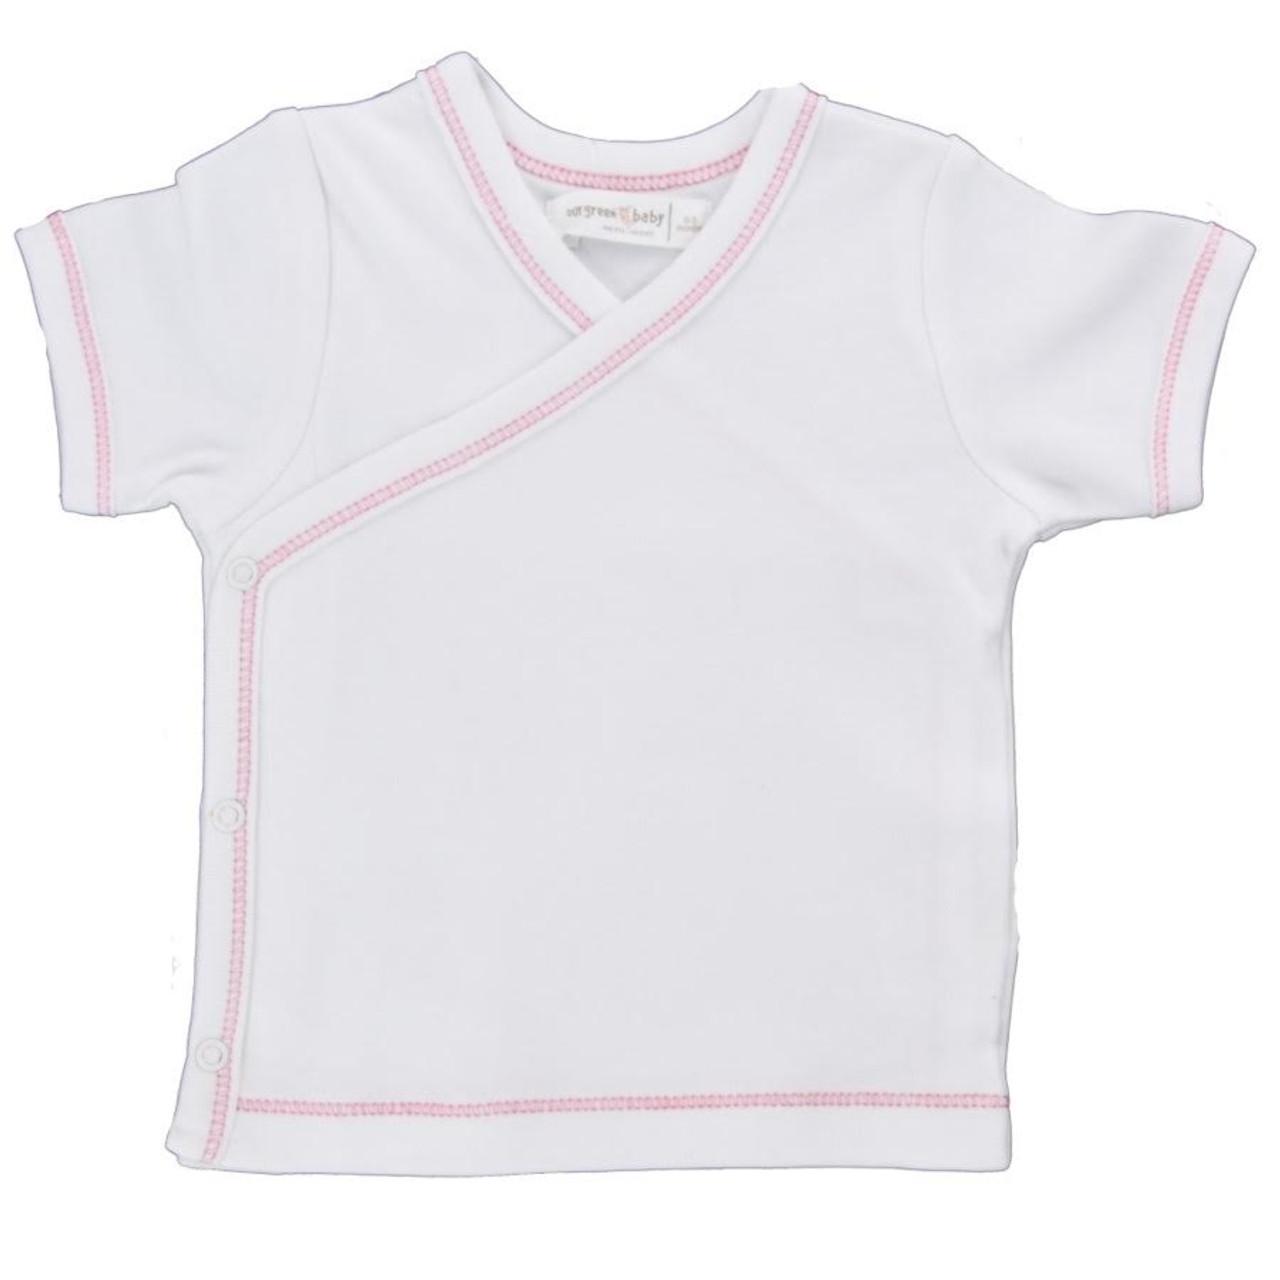 Organic Side Snap Shirt - Pink Stitching - 3-6m